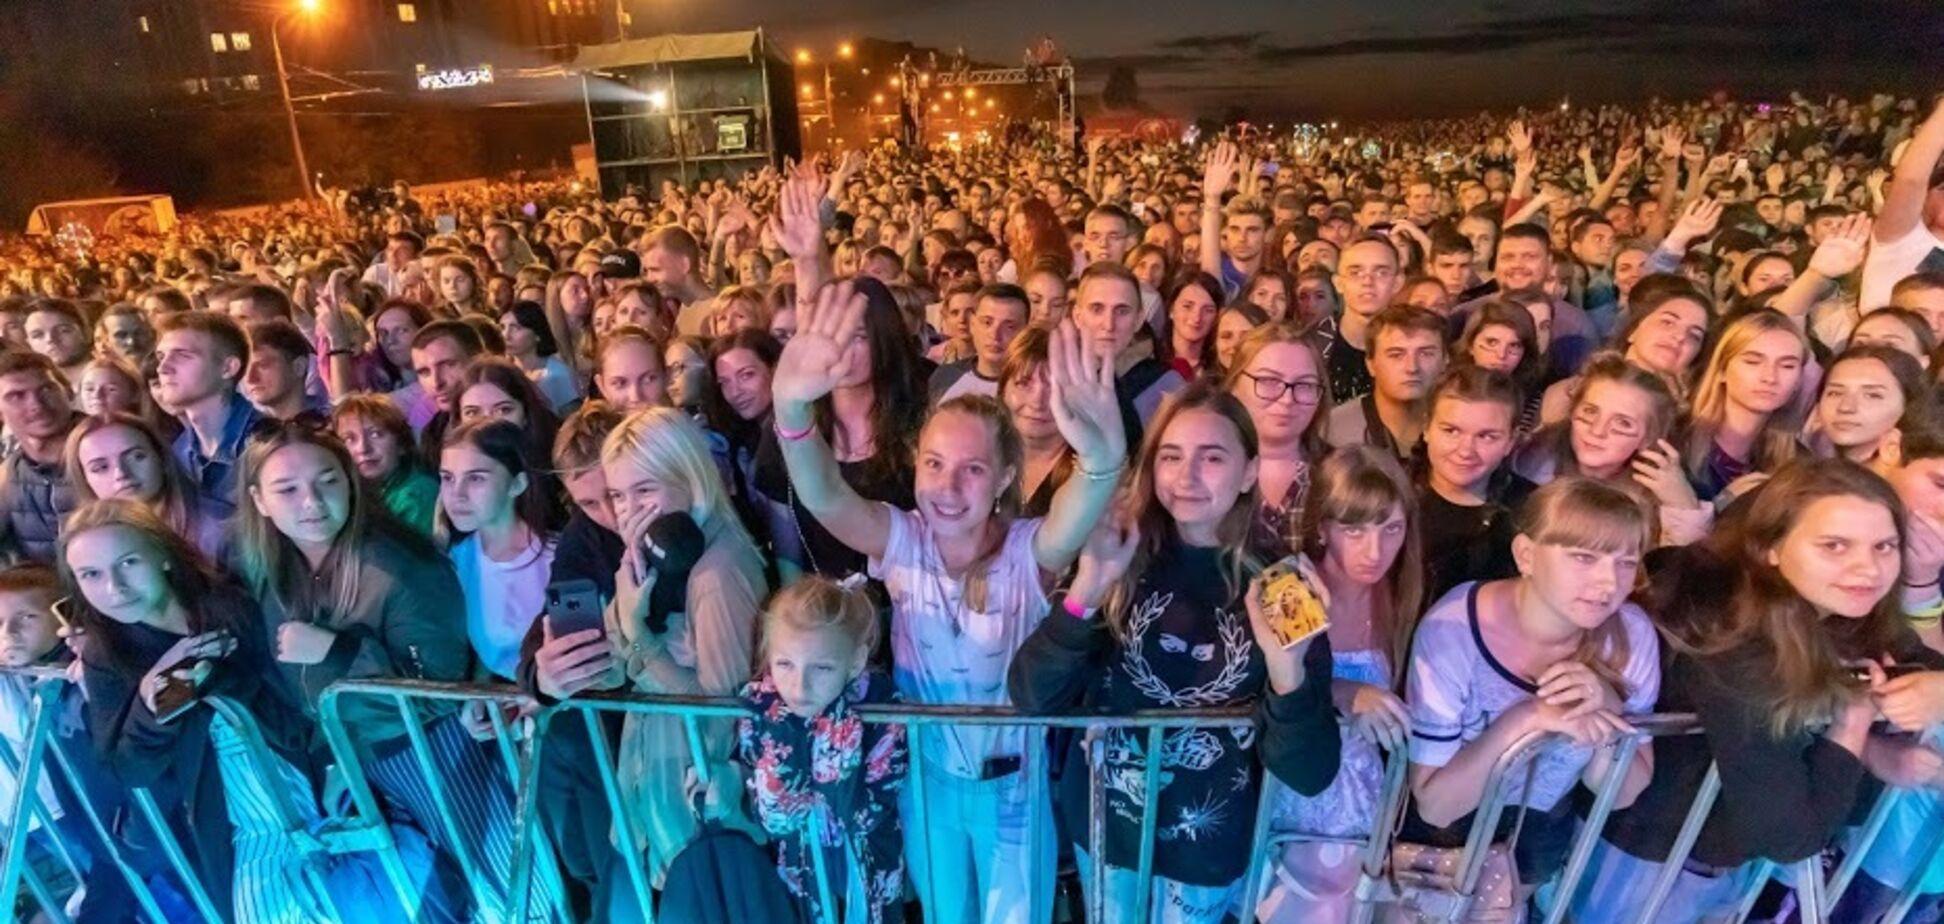 'Дніпро, я люблю тебе!' Концерт до Дня міста зібрав 20 тис. людей